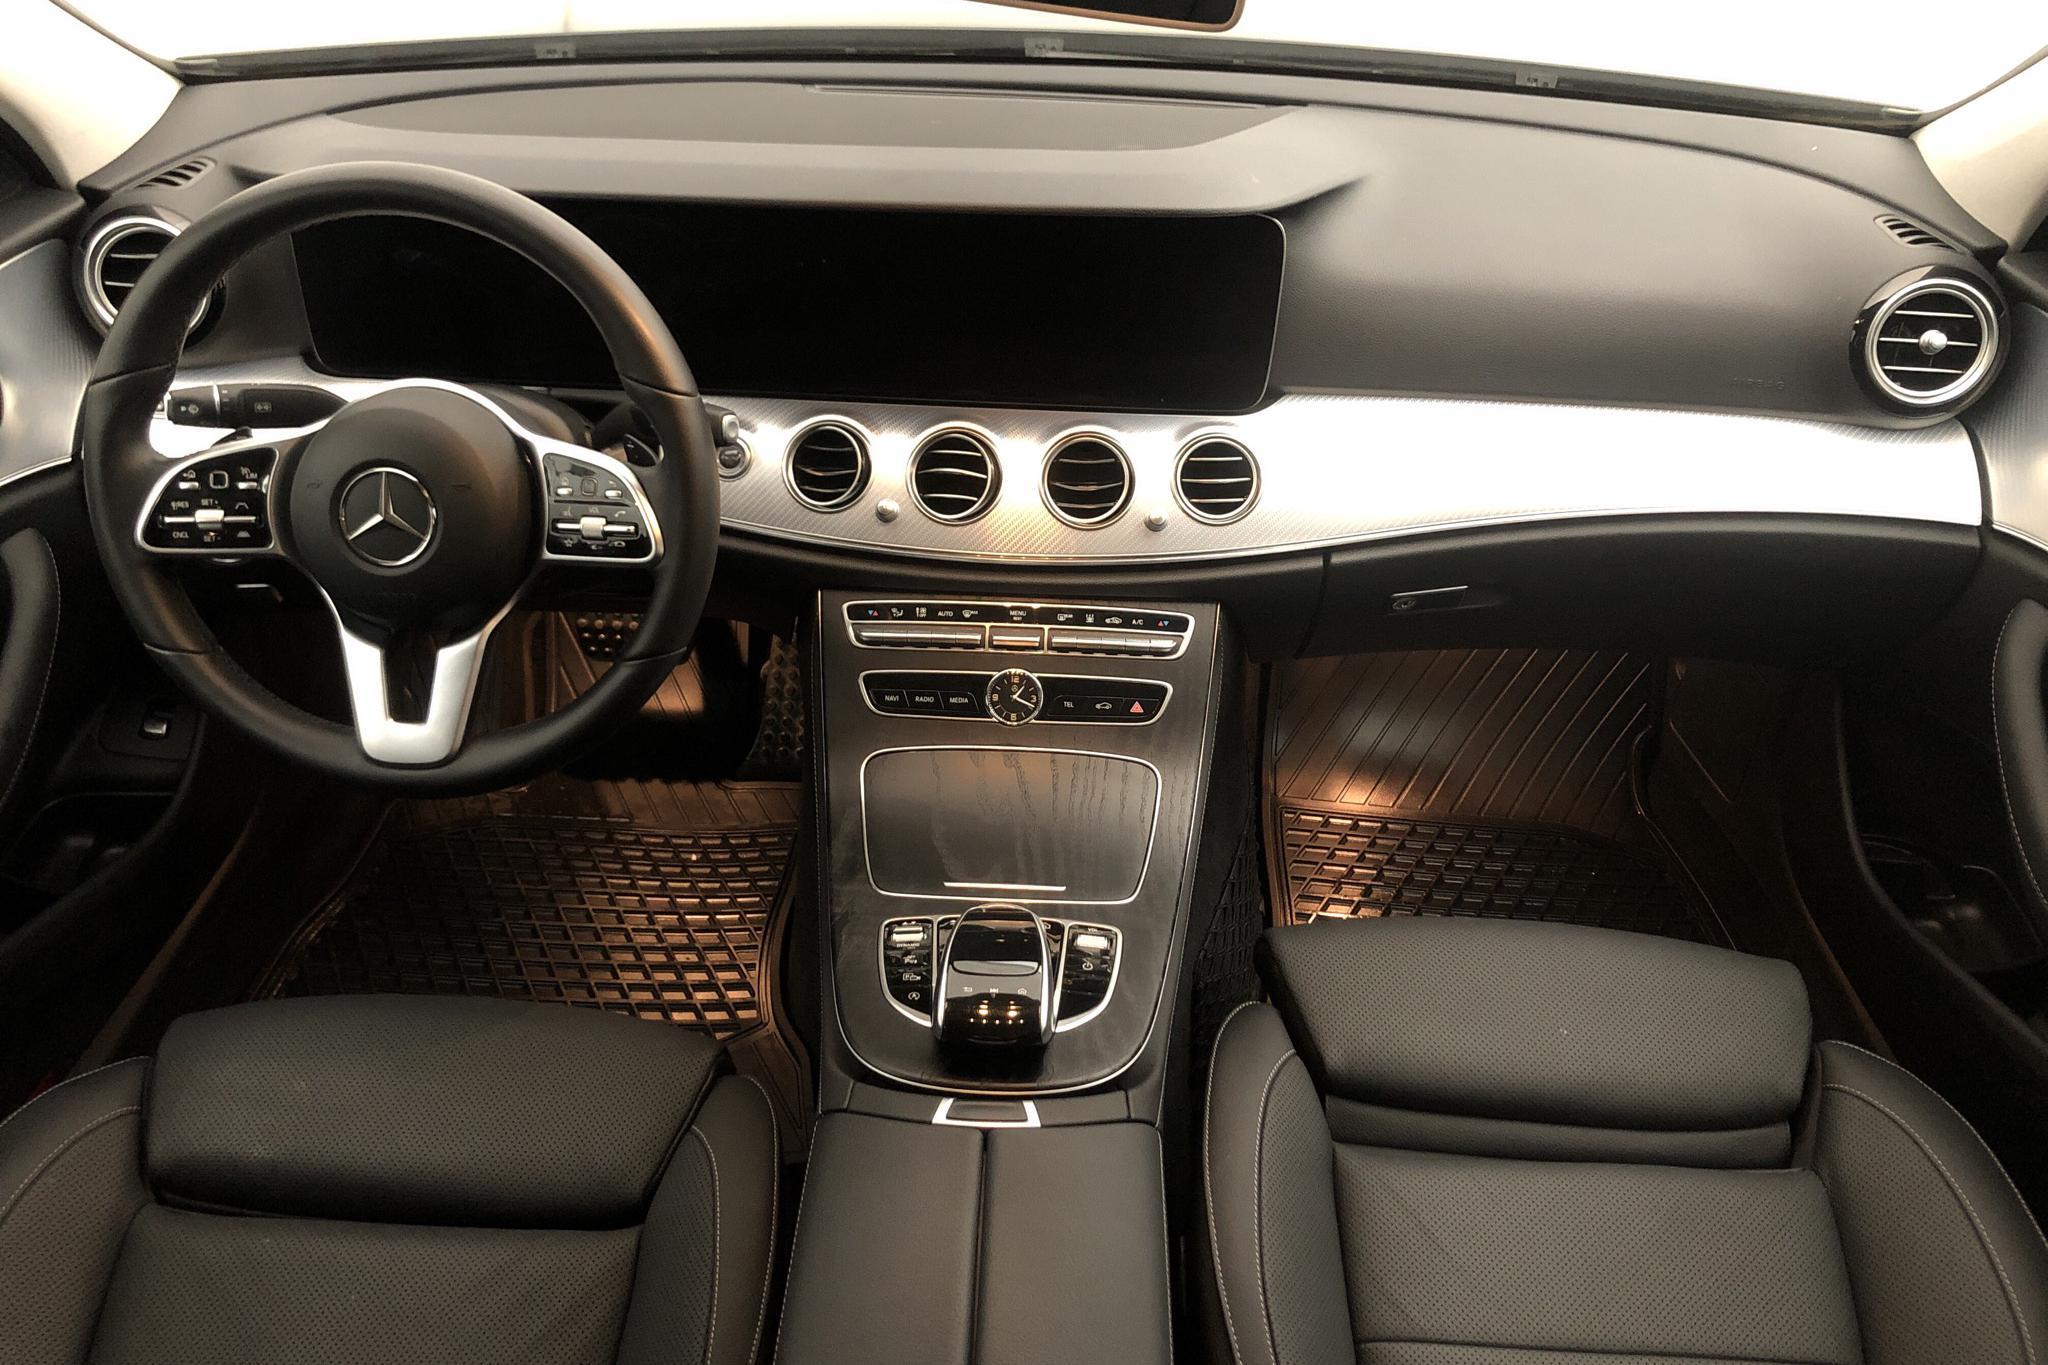 Mercedes E 200 d Sedan W213 (160hk) - 34 990 km - Automatic - black - 2020